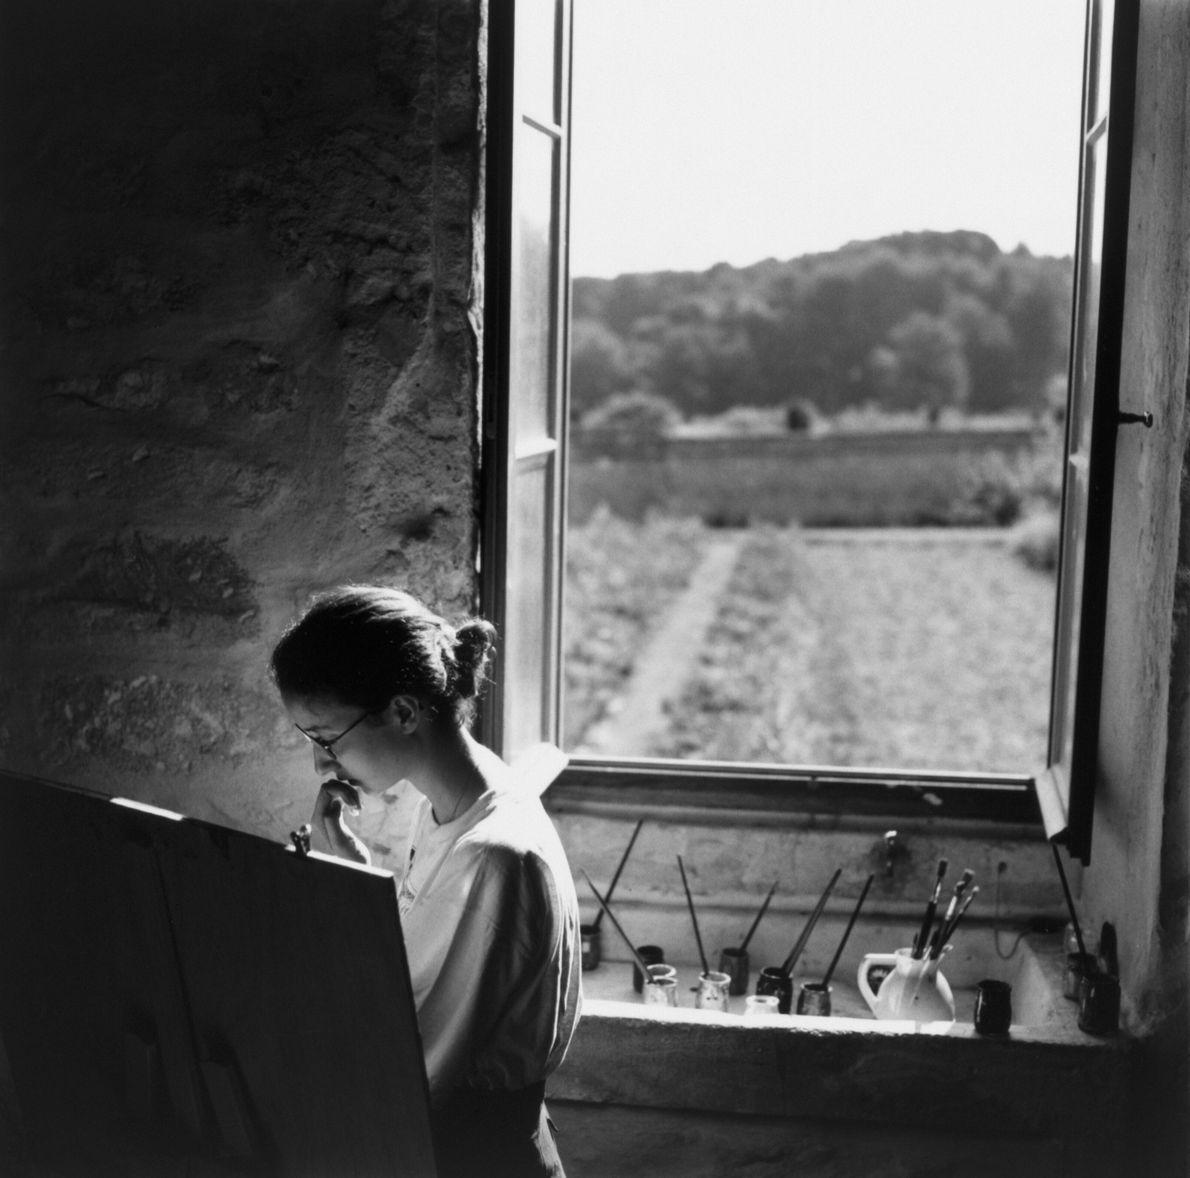 Imagen de una mujer pintando junto a una ventana abierta en un hospital psiquiátrico de Francia